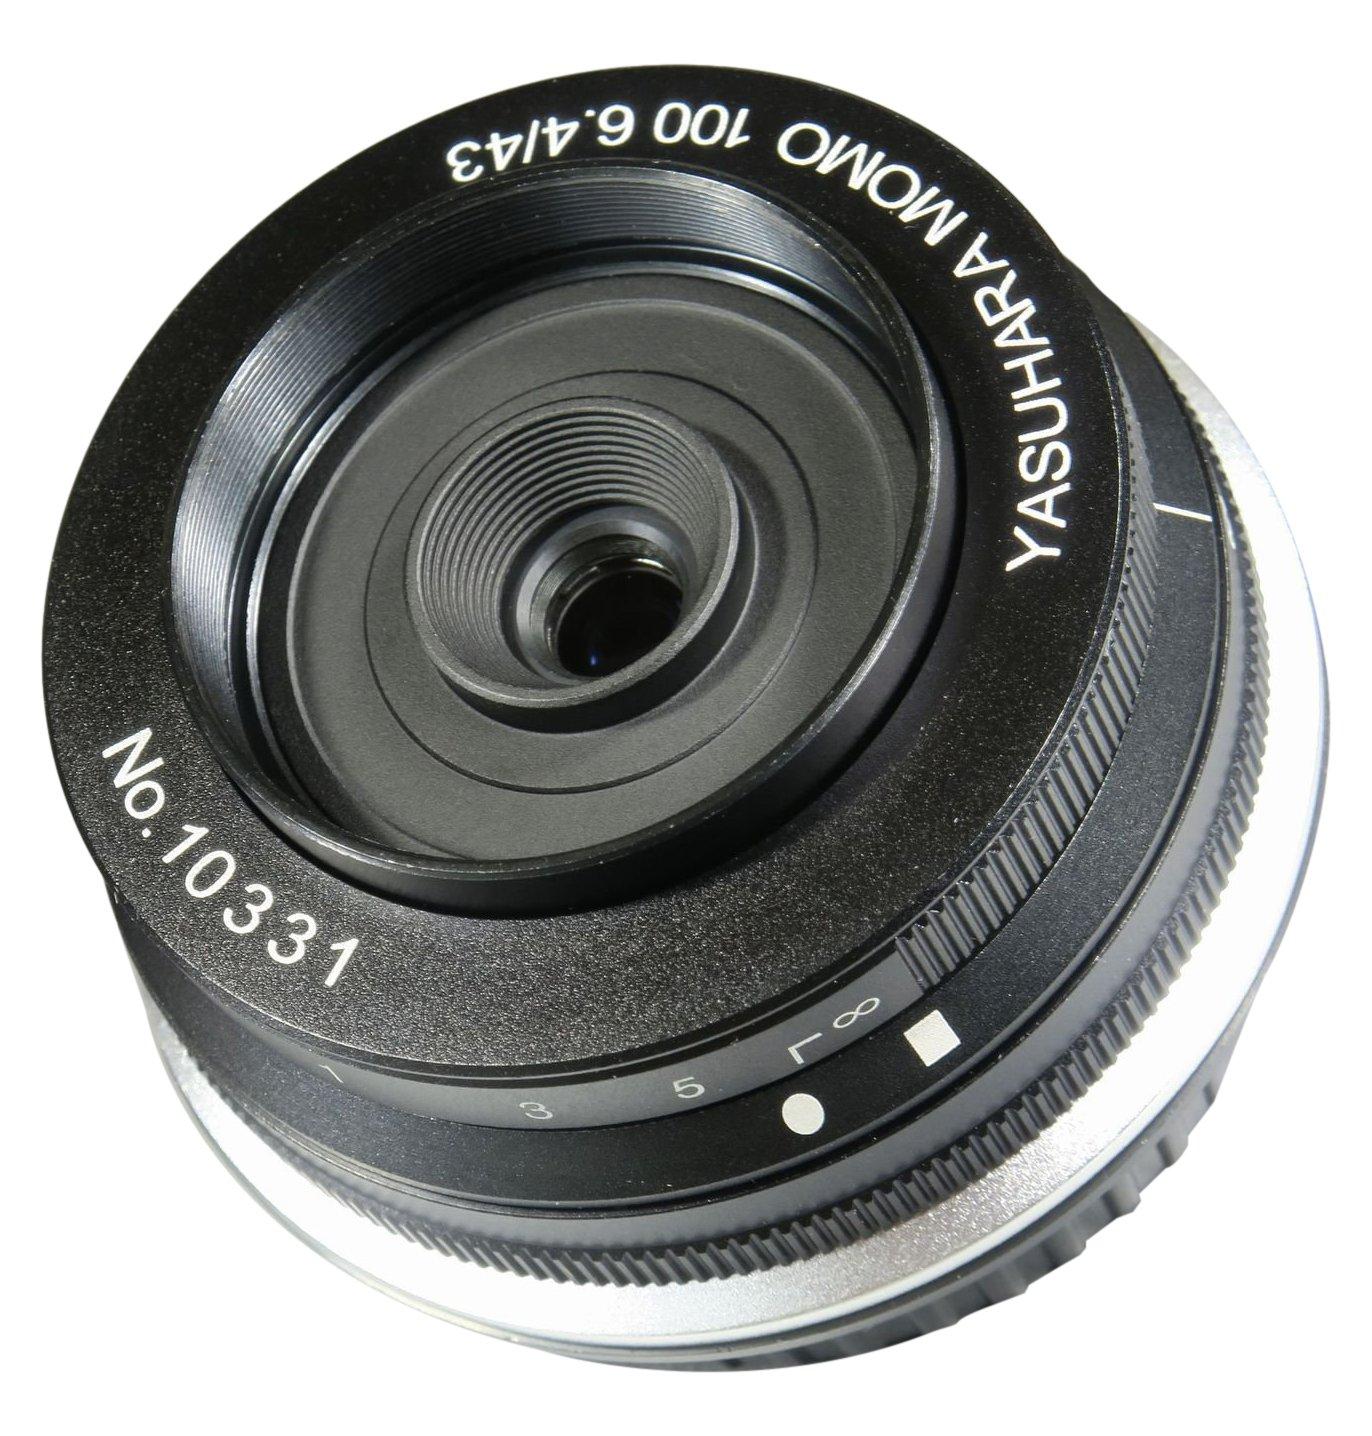 安原製作所 交換レンズ 43mm F6.4 MOMO100(EF)   B01LCFEXSG